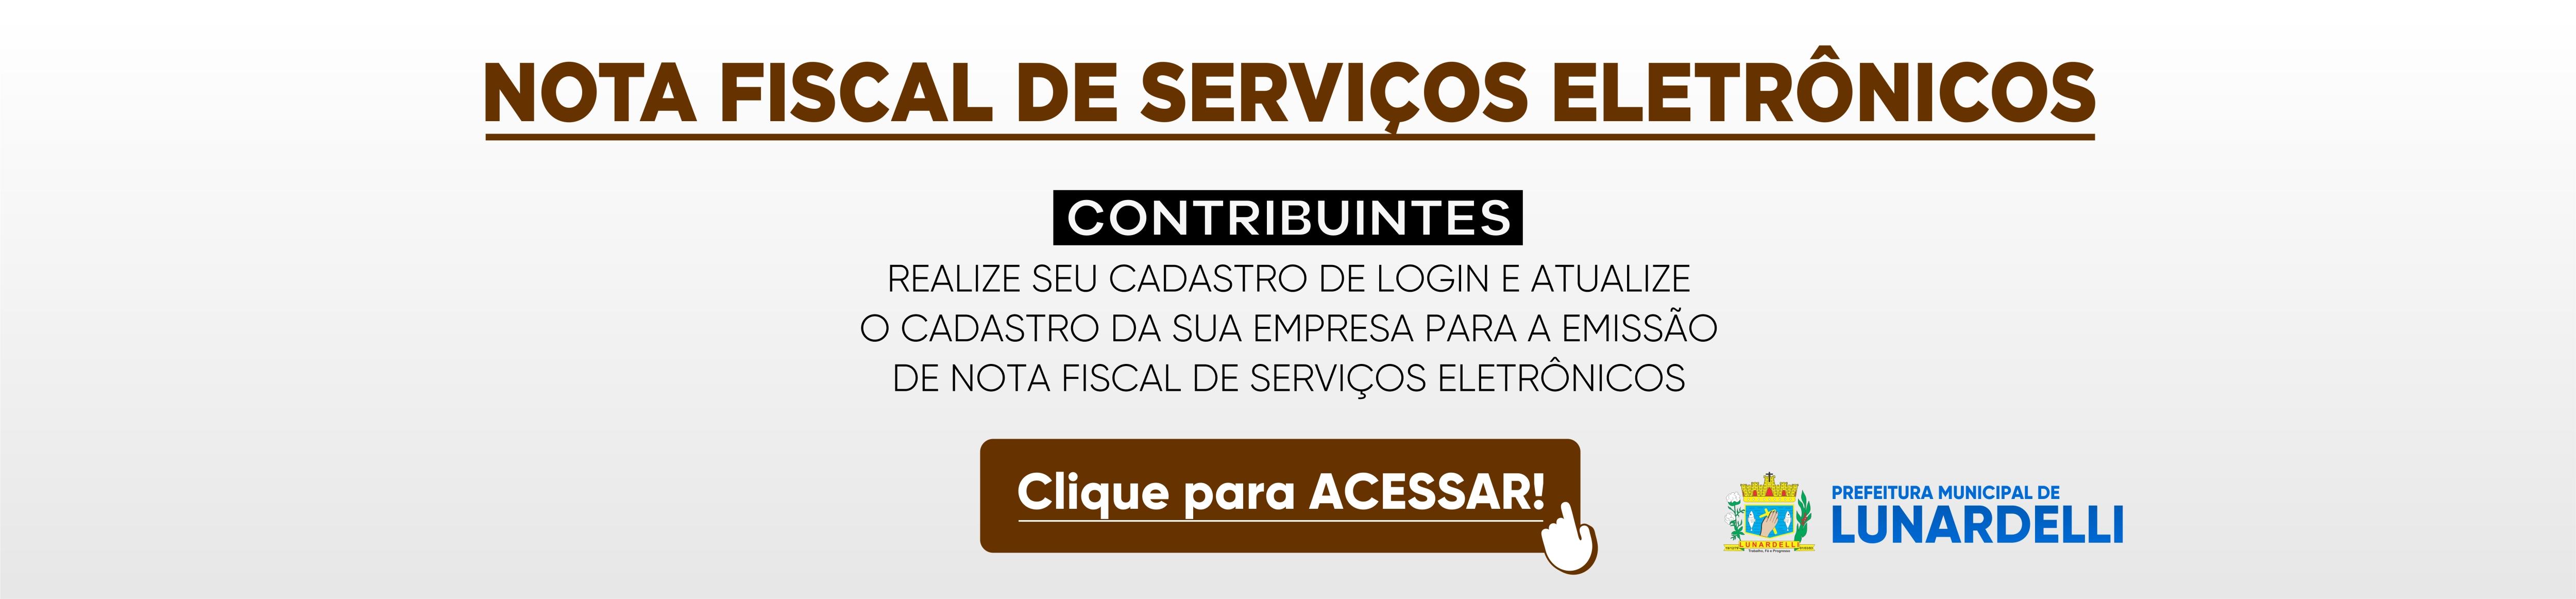 Nota Fiscal de Serviço Eletrônico